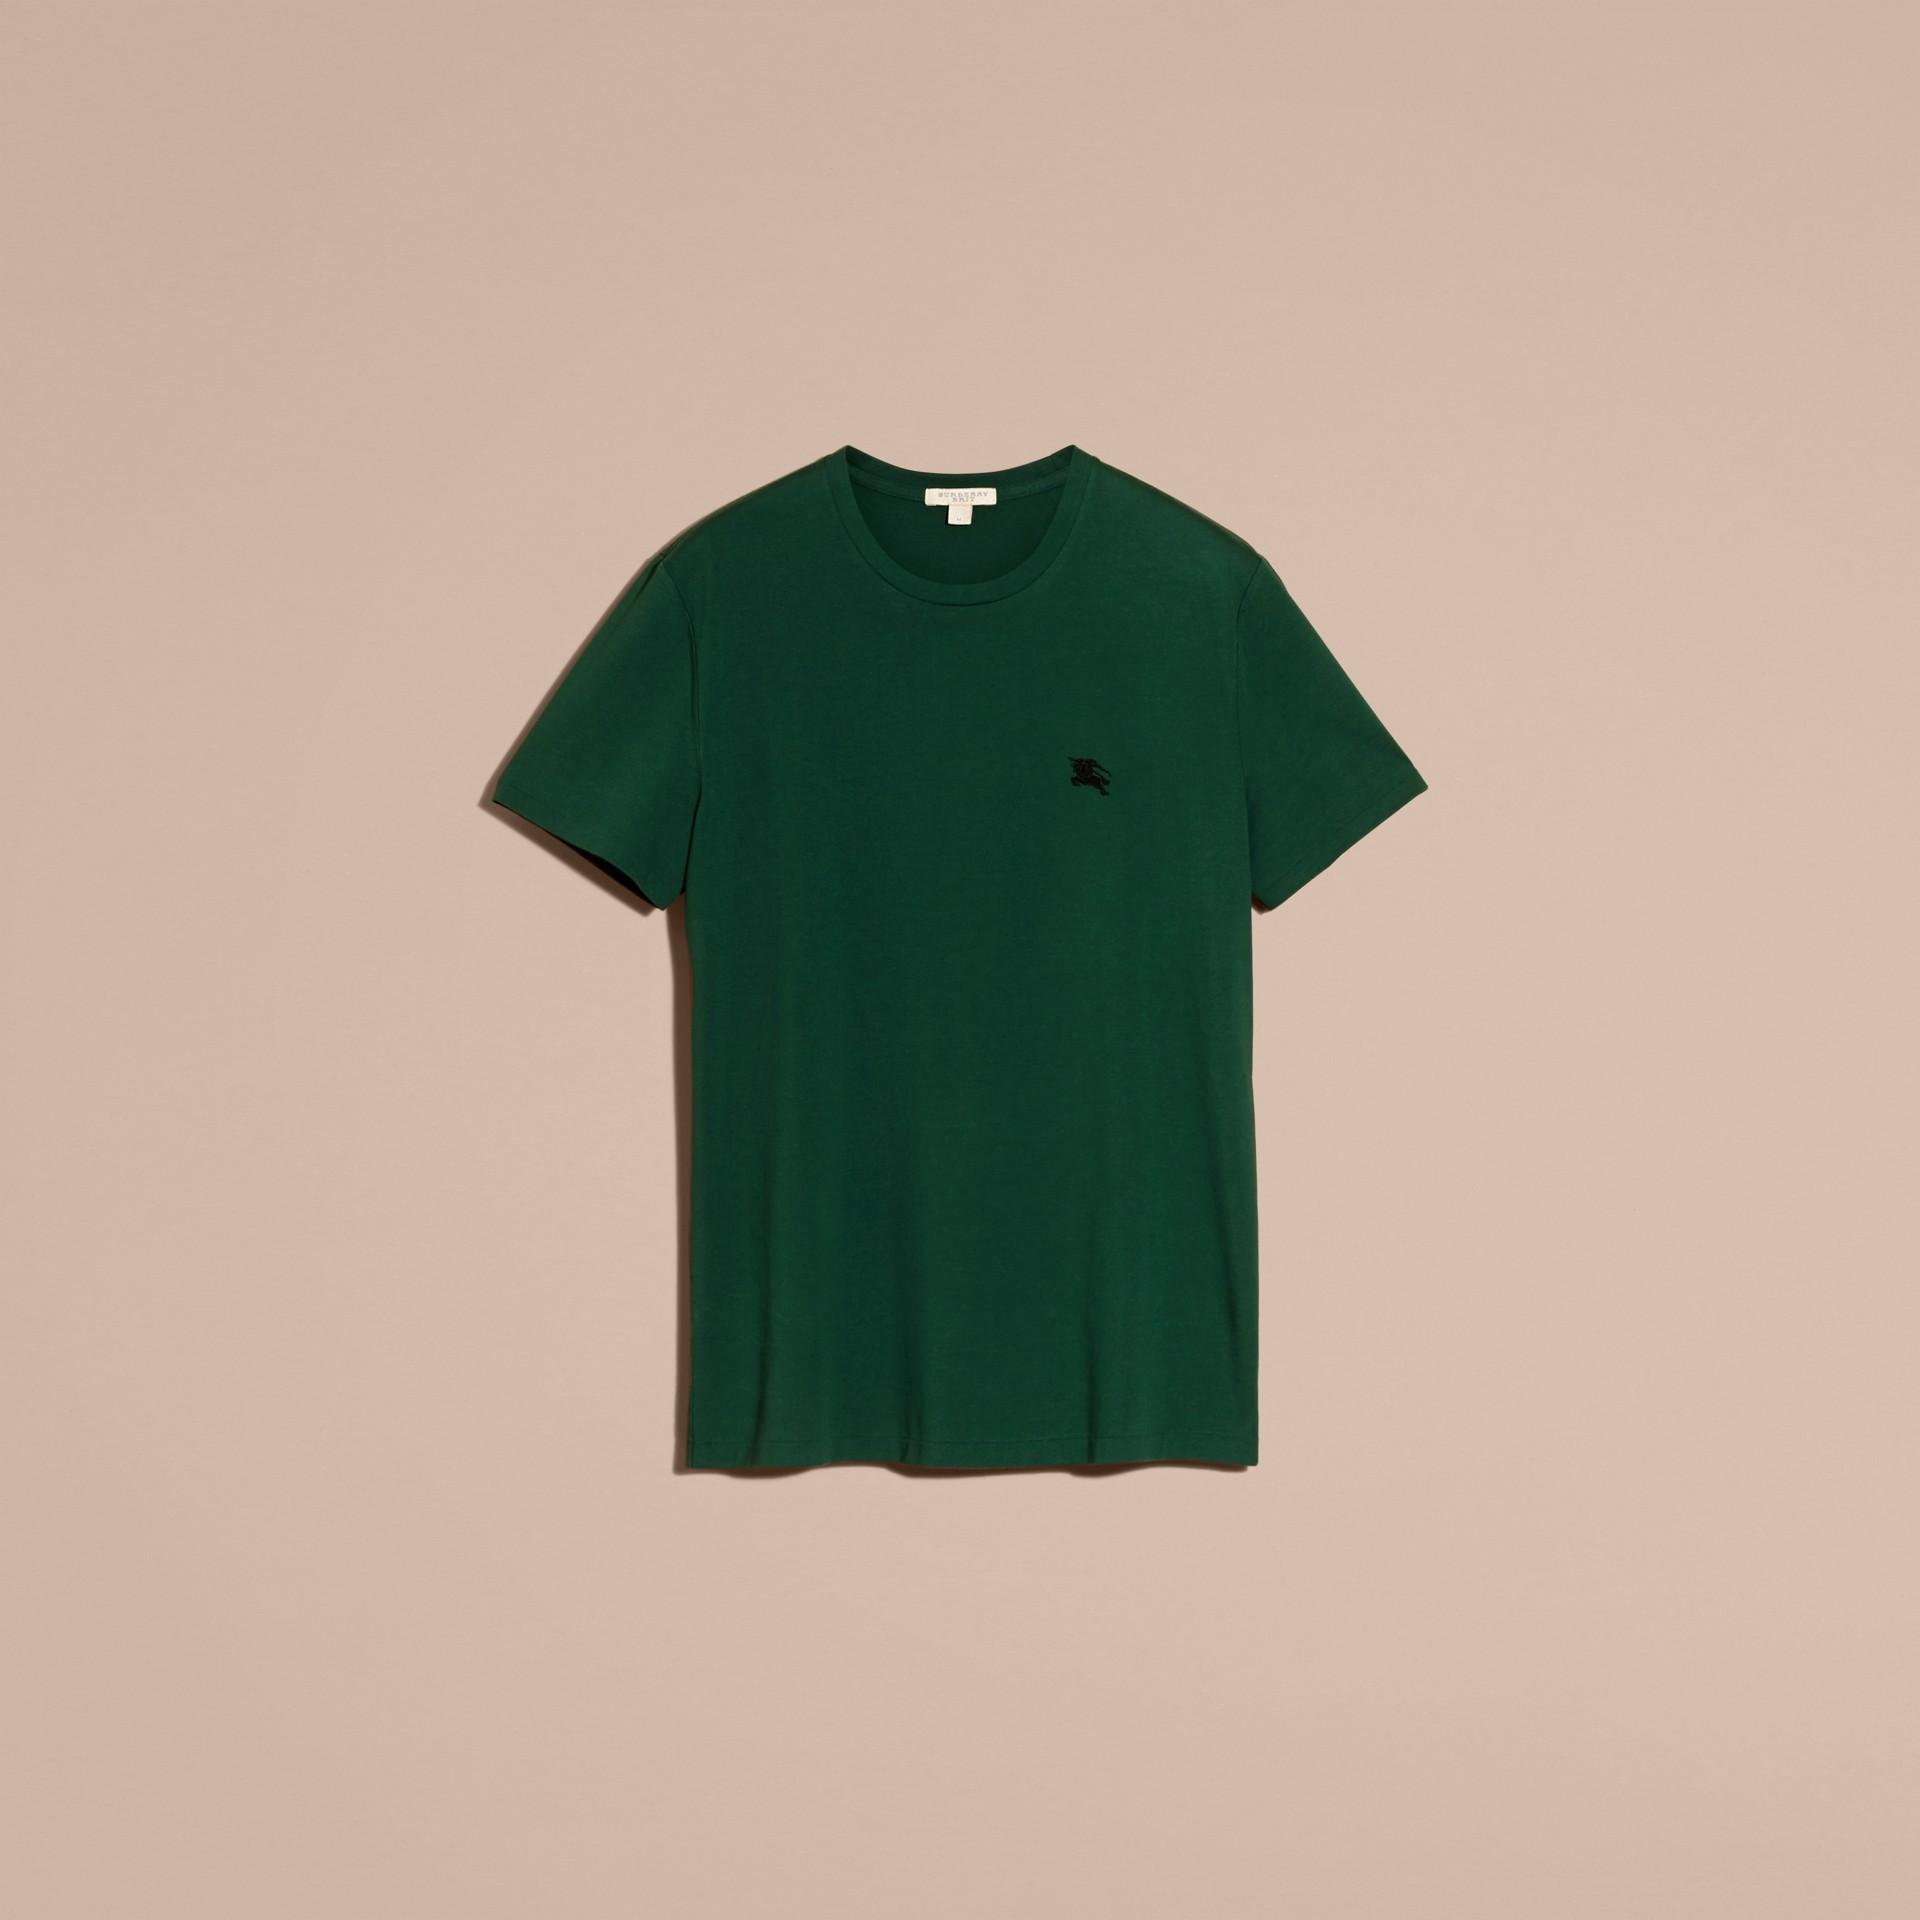 Vert racing T-shirt en coton ultra-doux Vert Racing - photo de la galerie 4